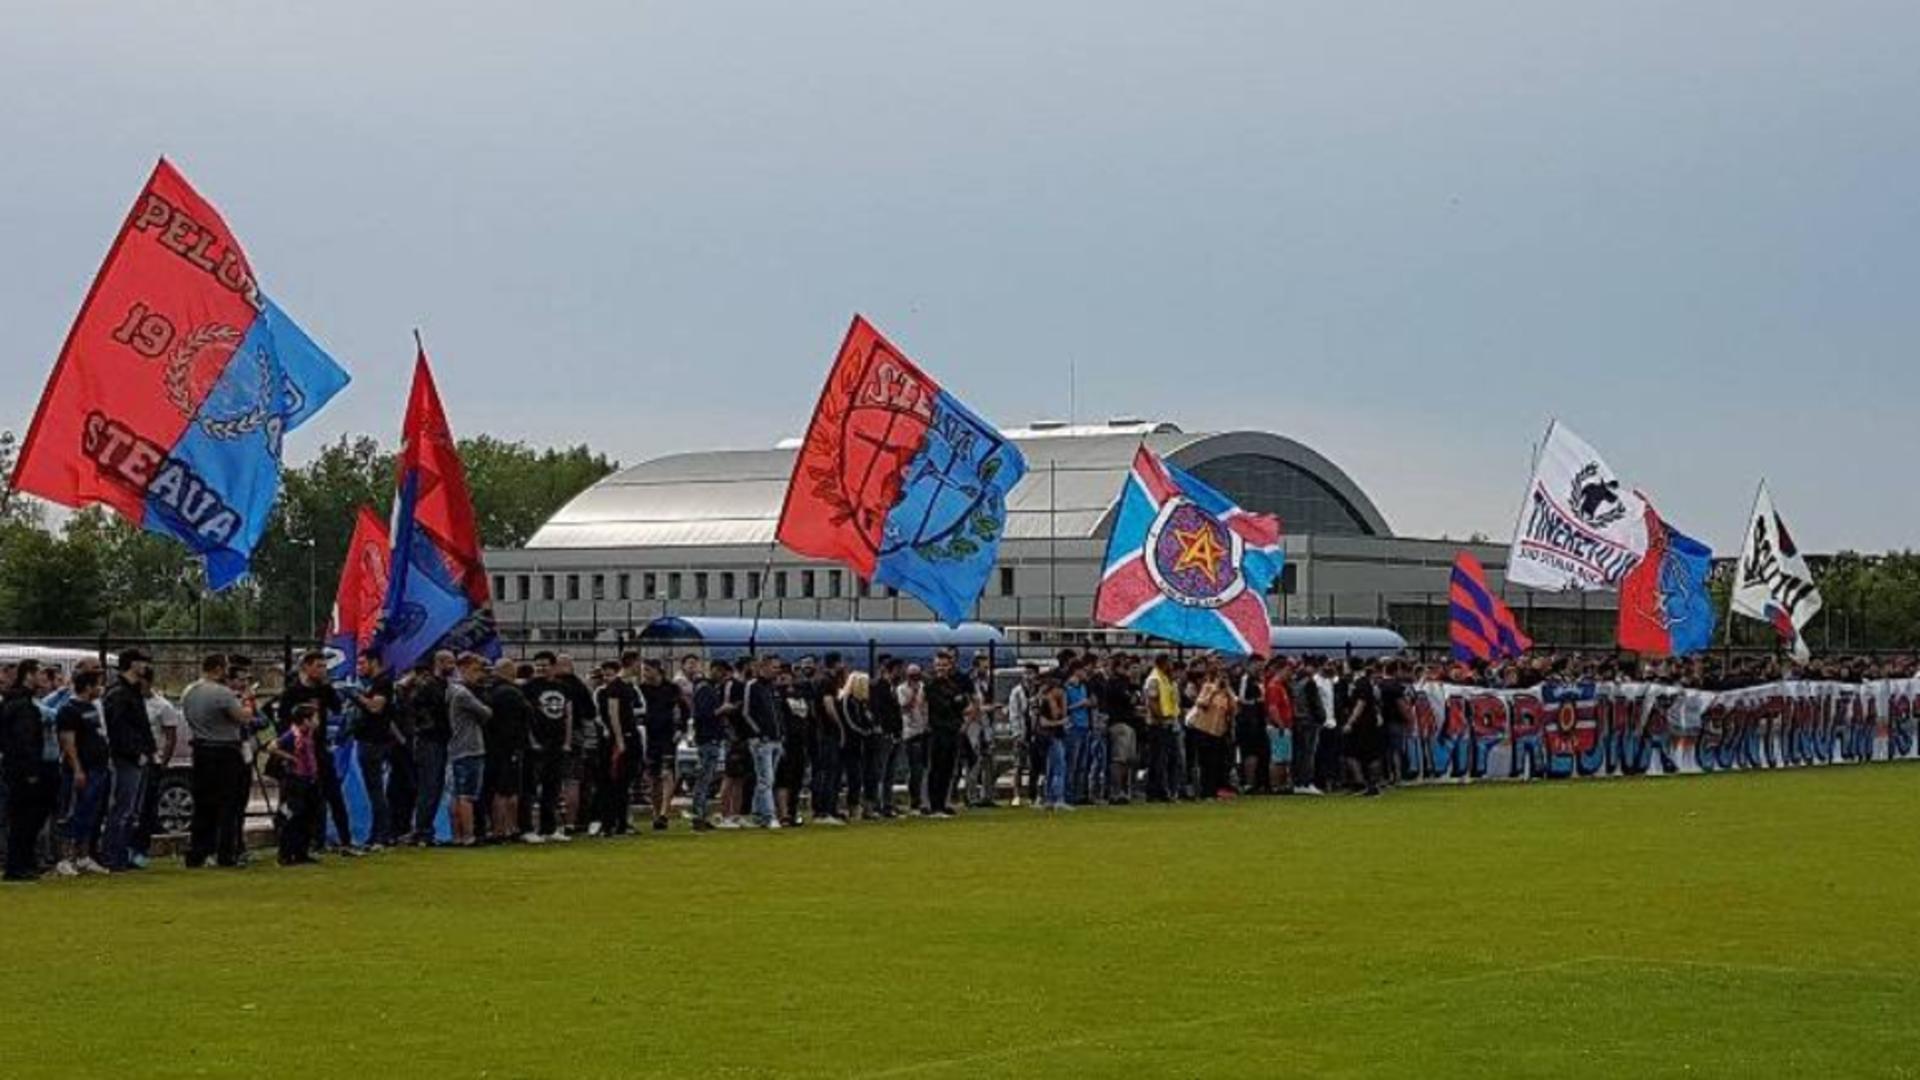 """Steaua, încurajată de ultrași înaintea derby-ului cu FCSB 2: """"Intrați în ei ca lupii-n oi! Să tremure când mai aud de noi!"""""""